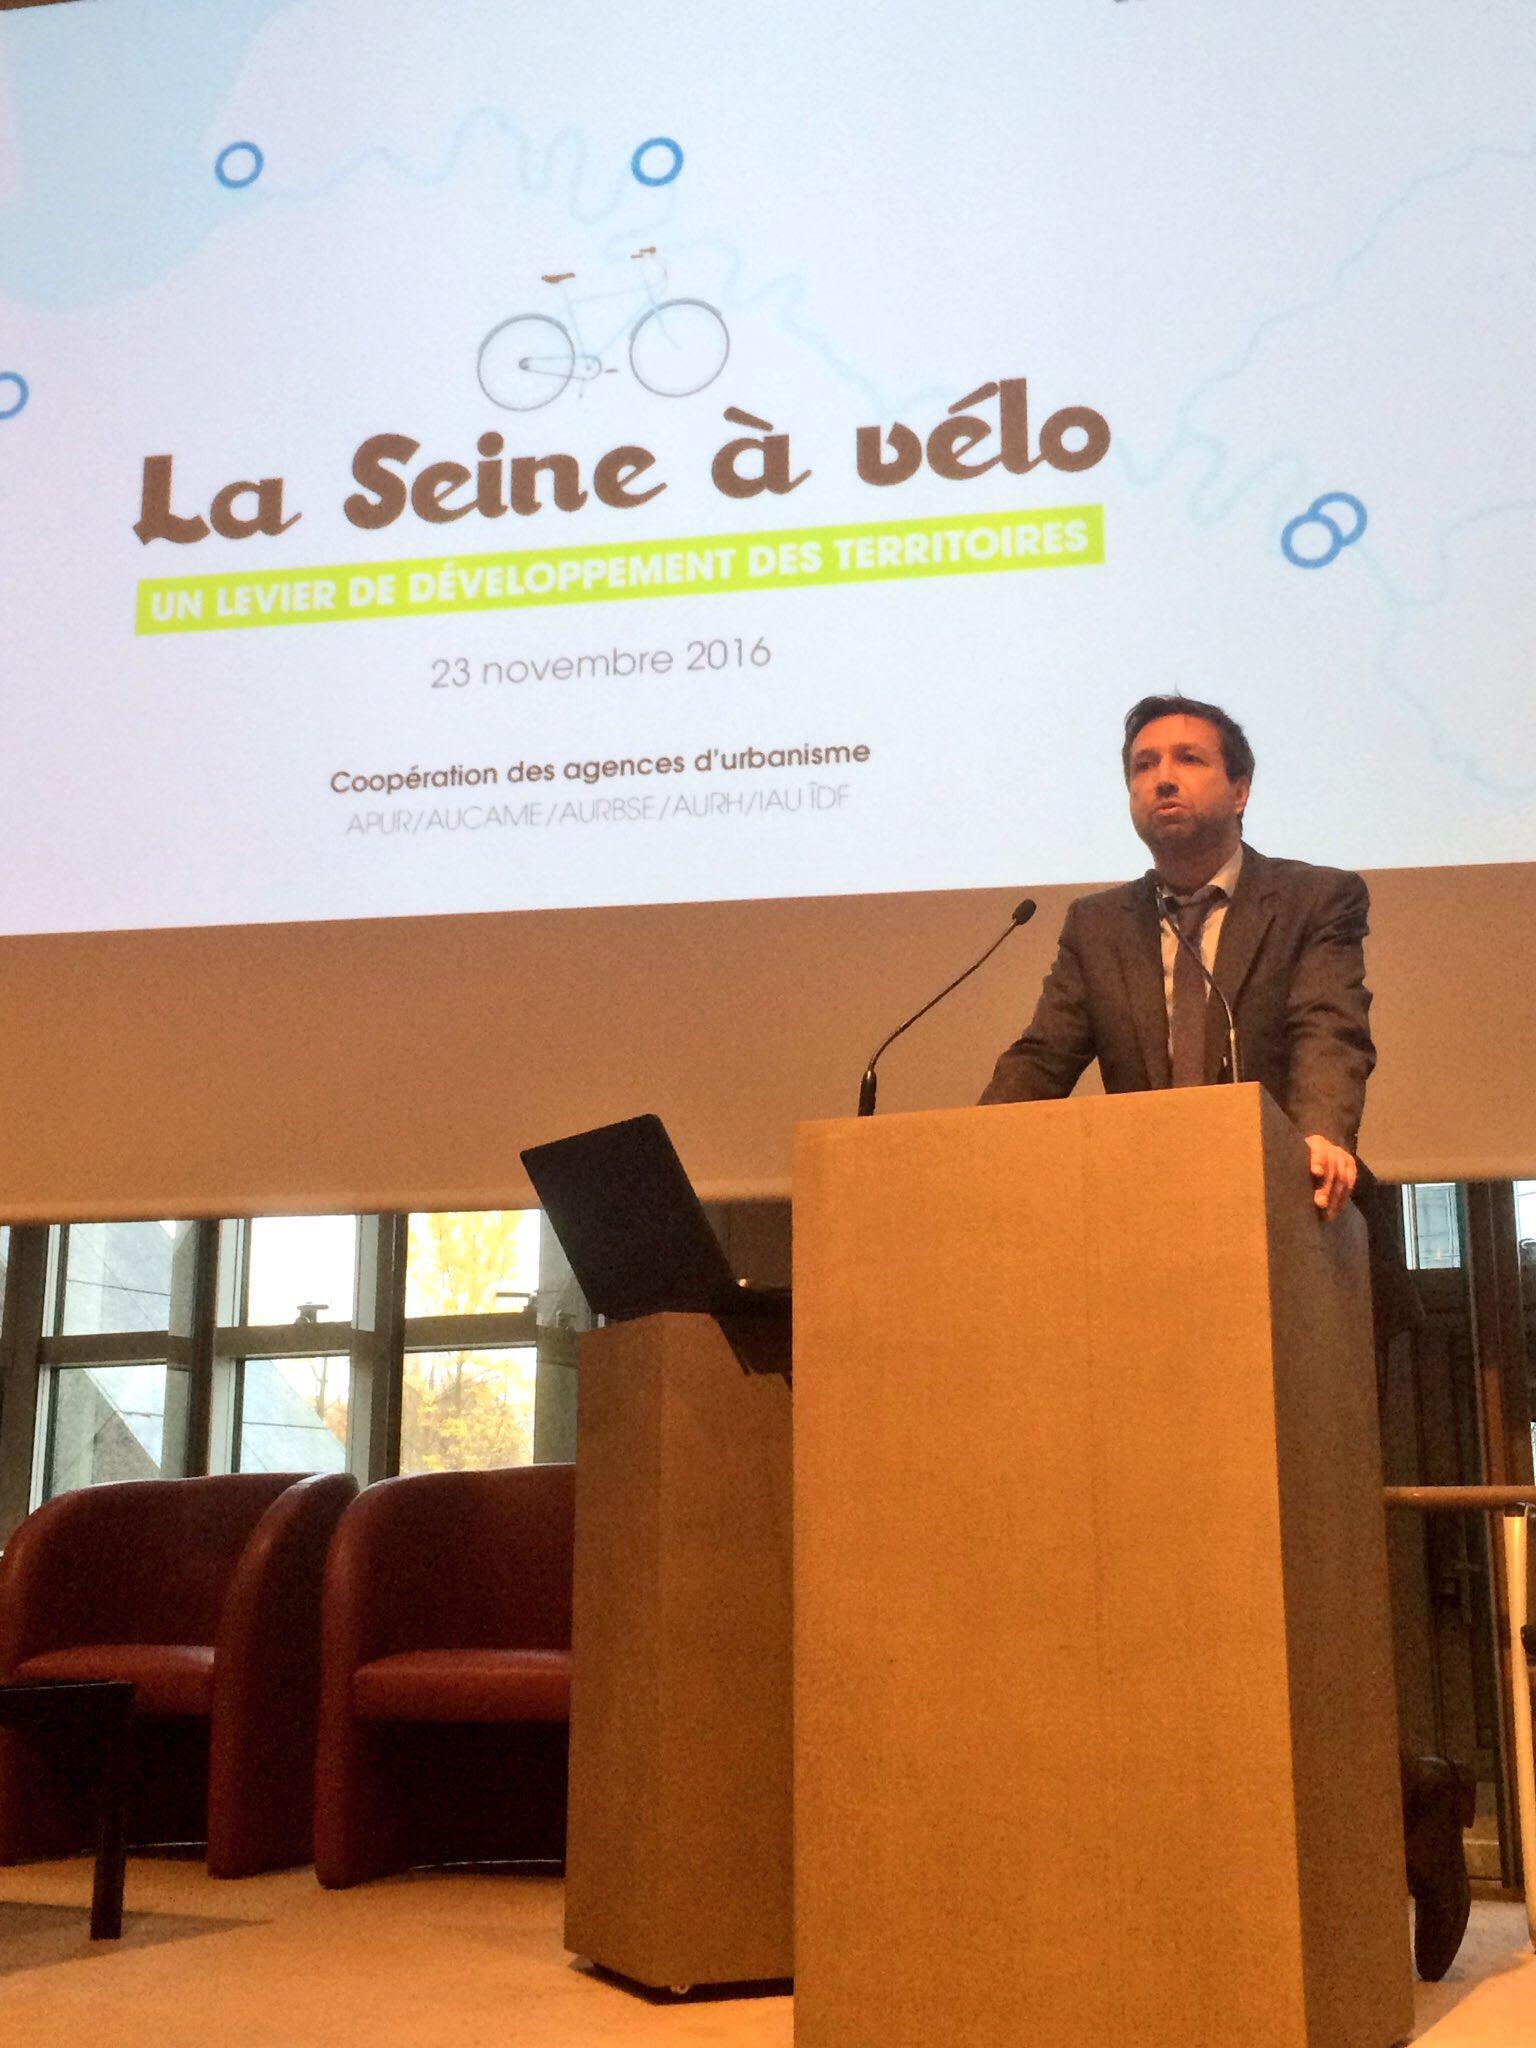 Laurent Moreno, DG de AURBSE : Rouen est située en Seine amont mais aussi en Seine aval avec sa dimension portuaire #veloseine @DocAURBSE https://t.co/Kct32M5Pkx